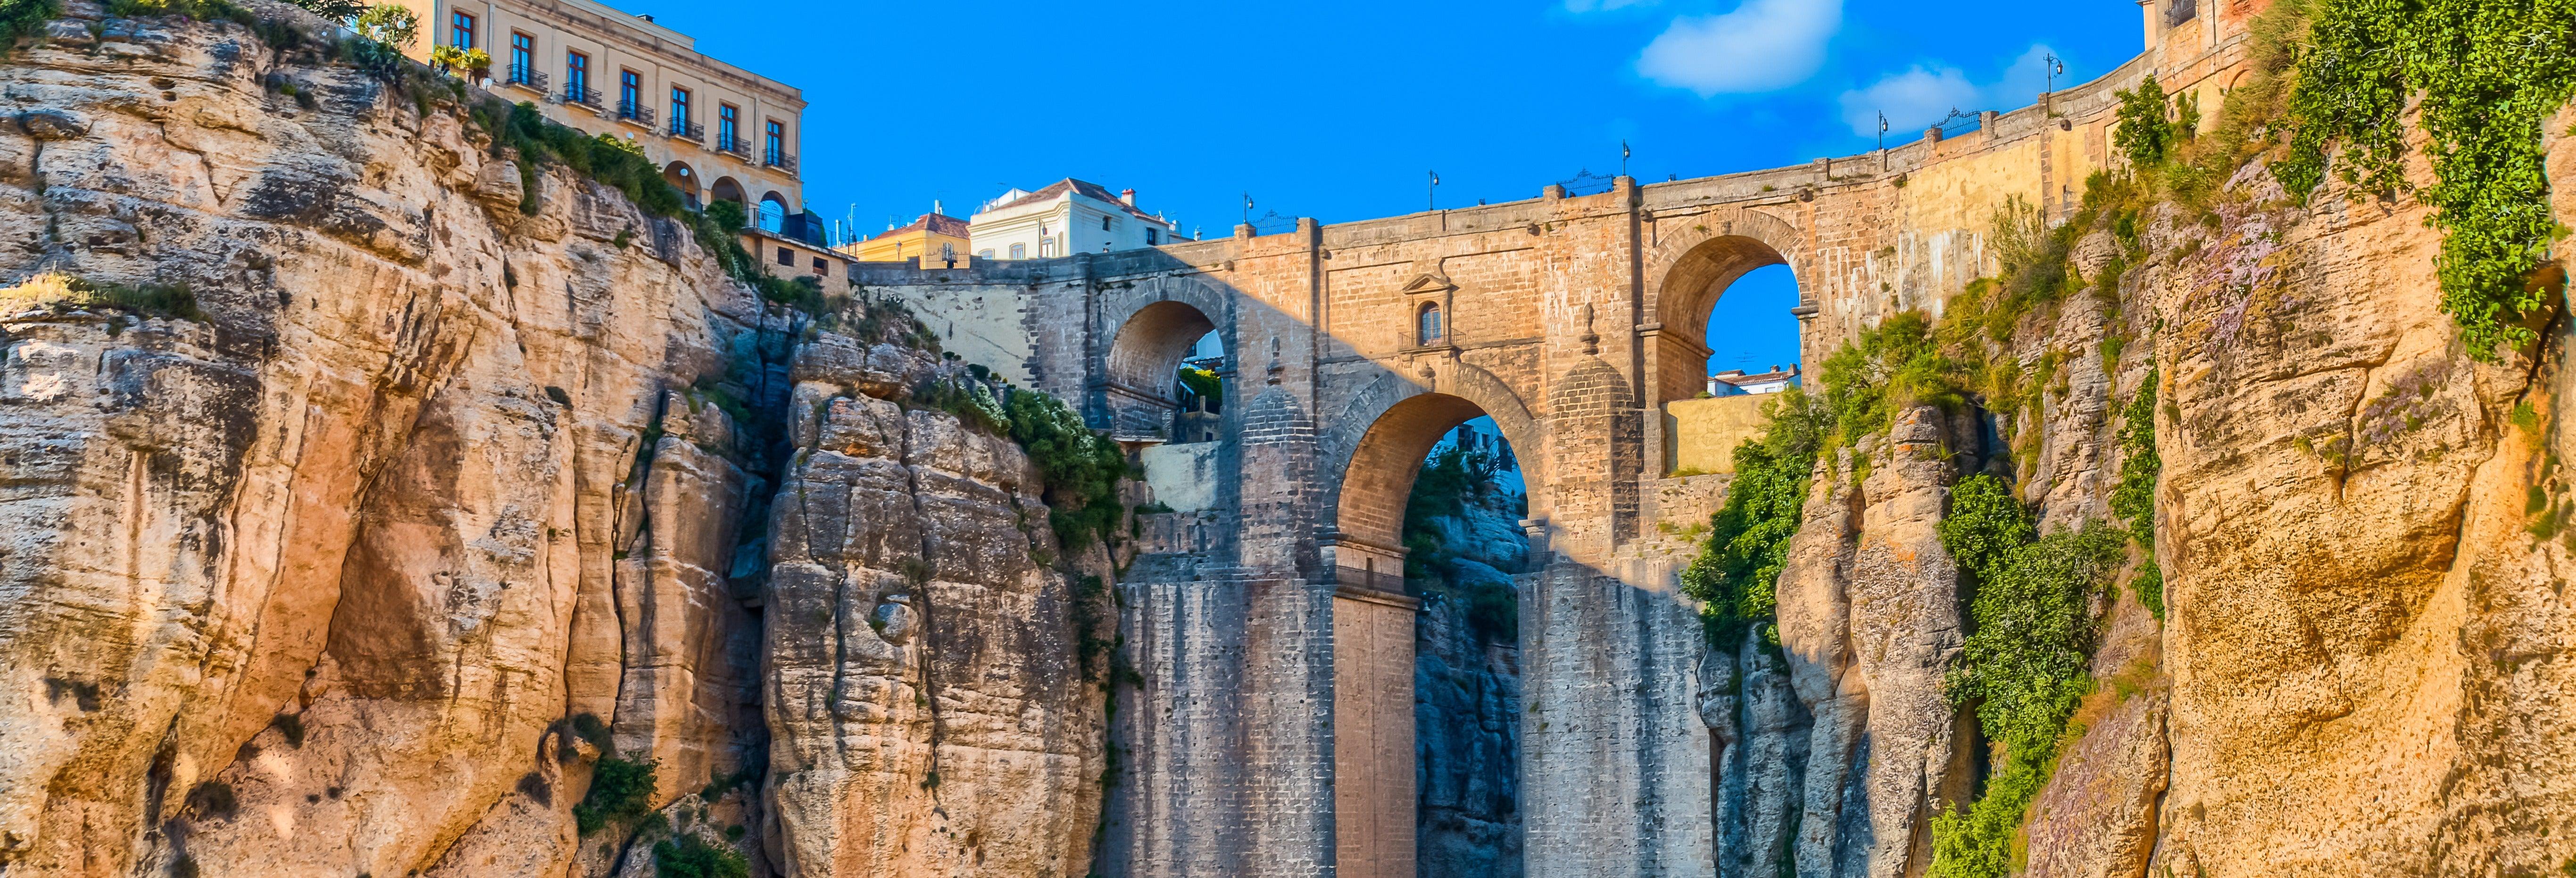 Free tour por las murallas y puertas de Ronda ¡Gratis!